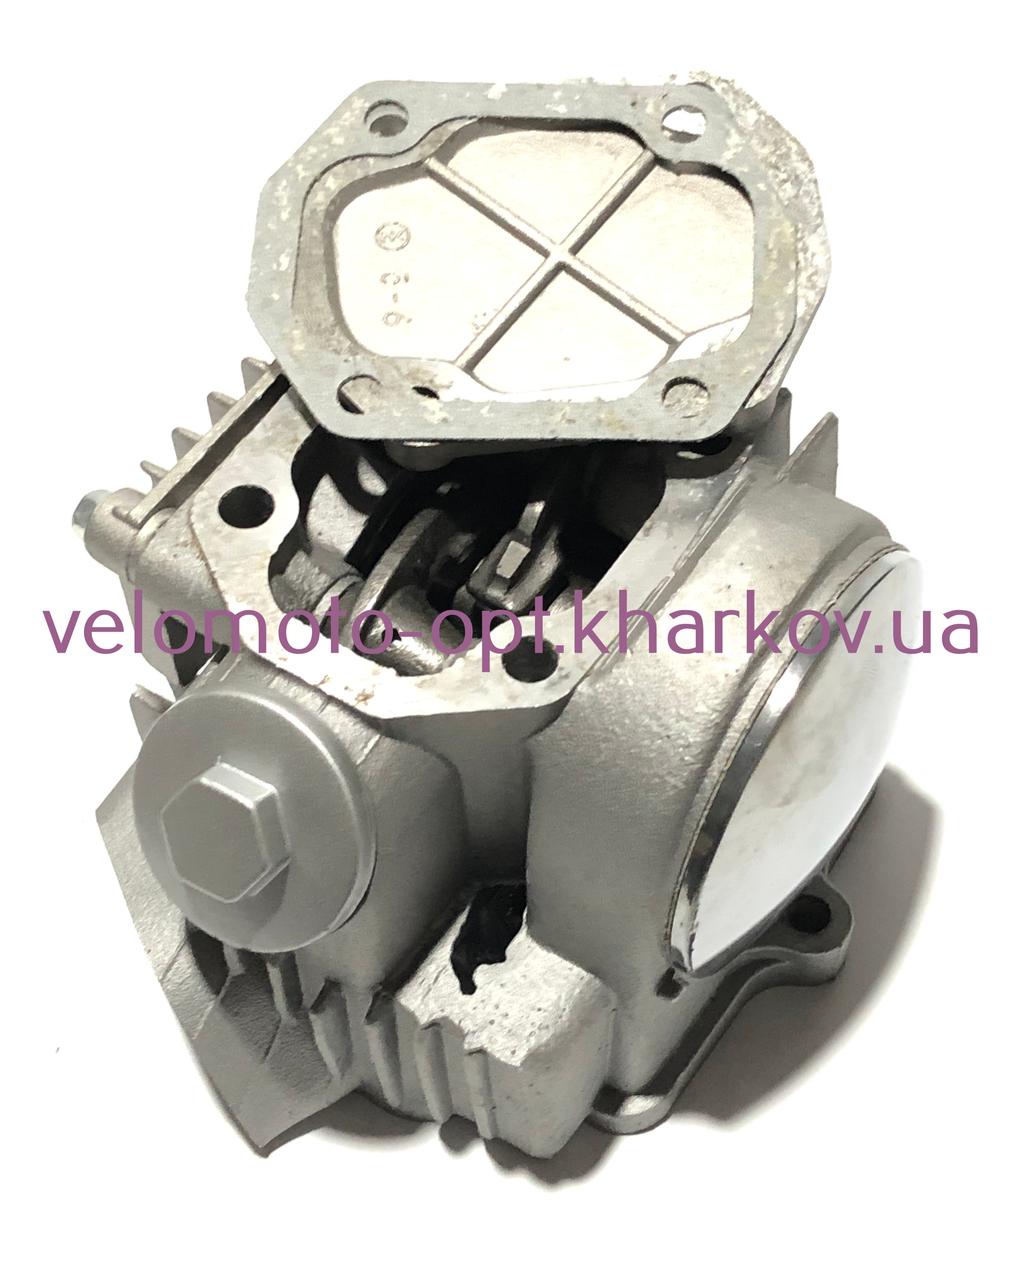 Головка циліндра комплект DELTA-70 куб, Fengrui